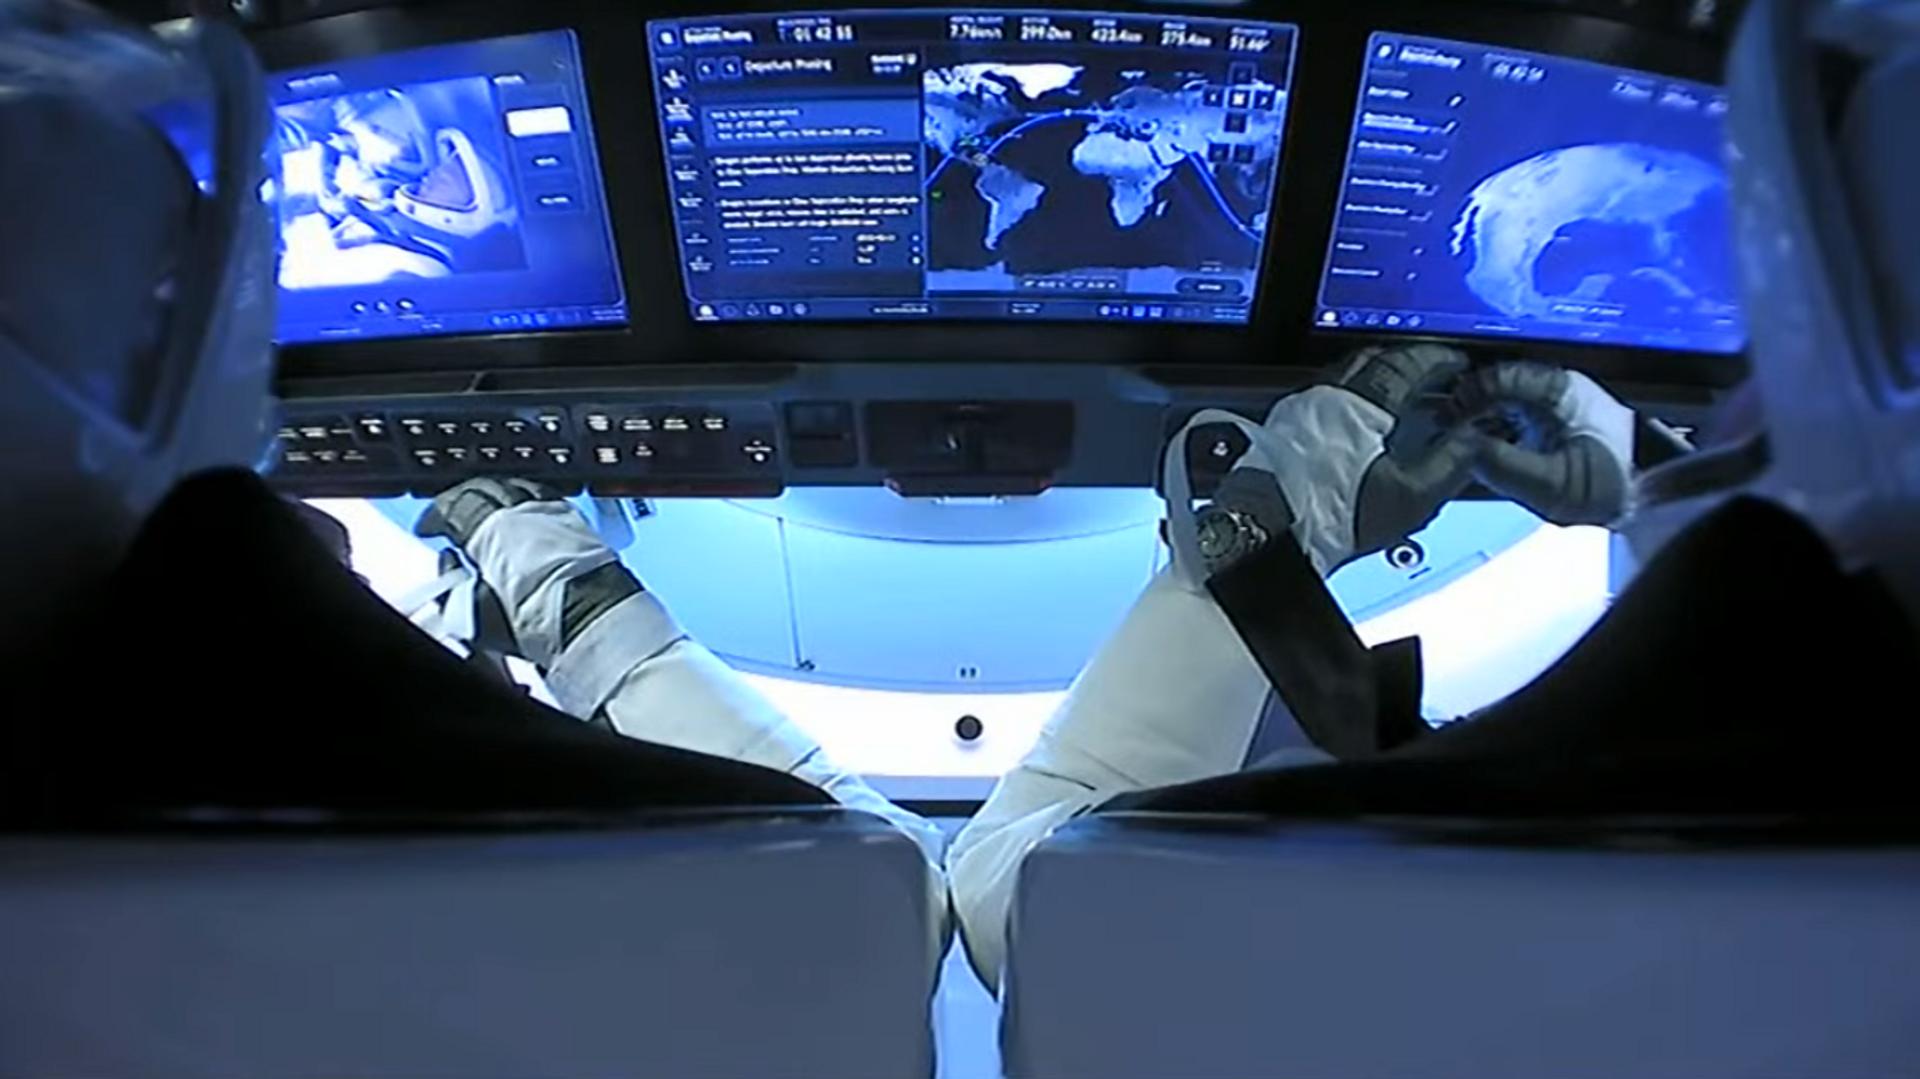 El interior de la nave tripulada Crew Dragon de SpaceX, durante su viaje de vuelta a la Tierra  - Sputnik Mundo, 1920, 30.03.2021